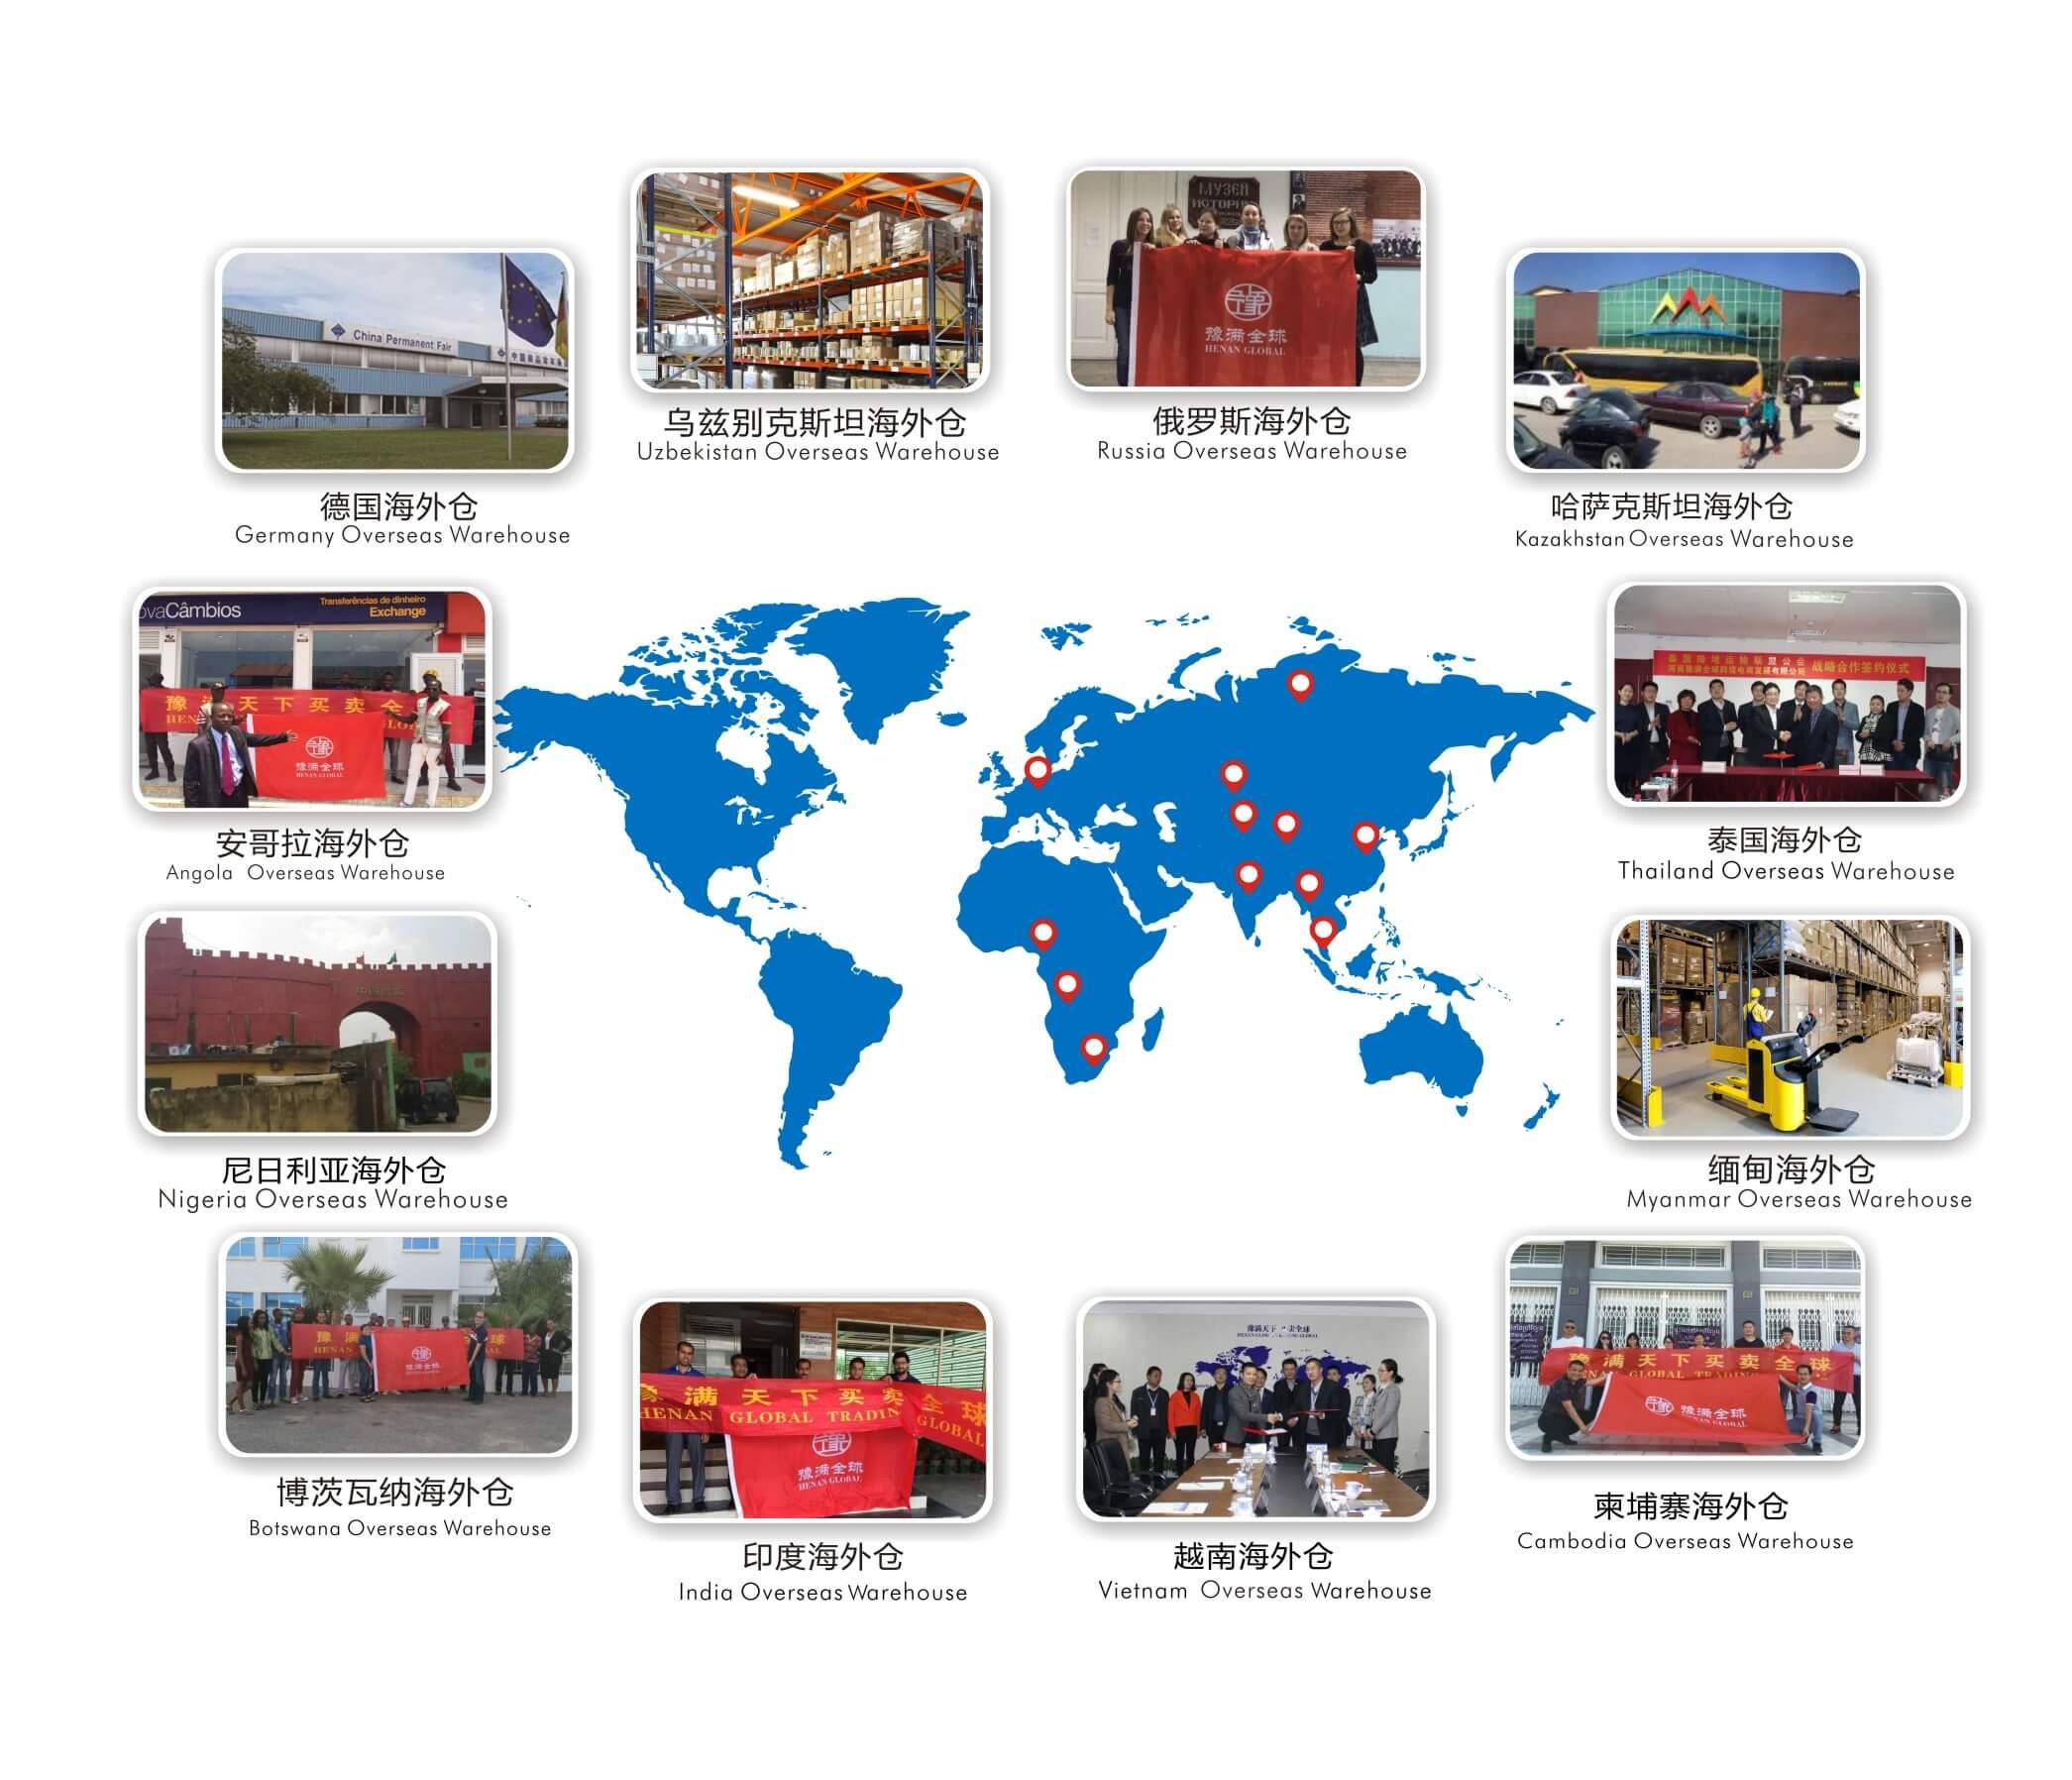 跨境电商国外城市海外仓示例图(包含乌兹别克斯坦、俄罗斯、哈萨克斯坦、泰国、缅甸、柬埔寨、越南、印度、博茨瓦纳、尼日利亚、安哥拉和德国等海外仓)